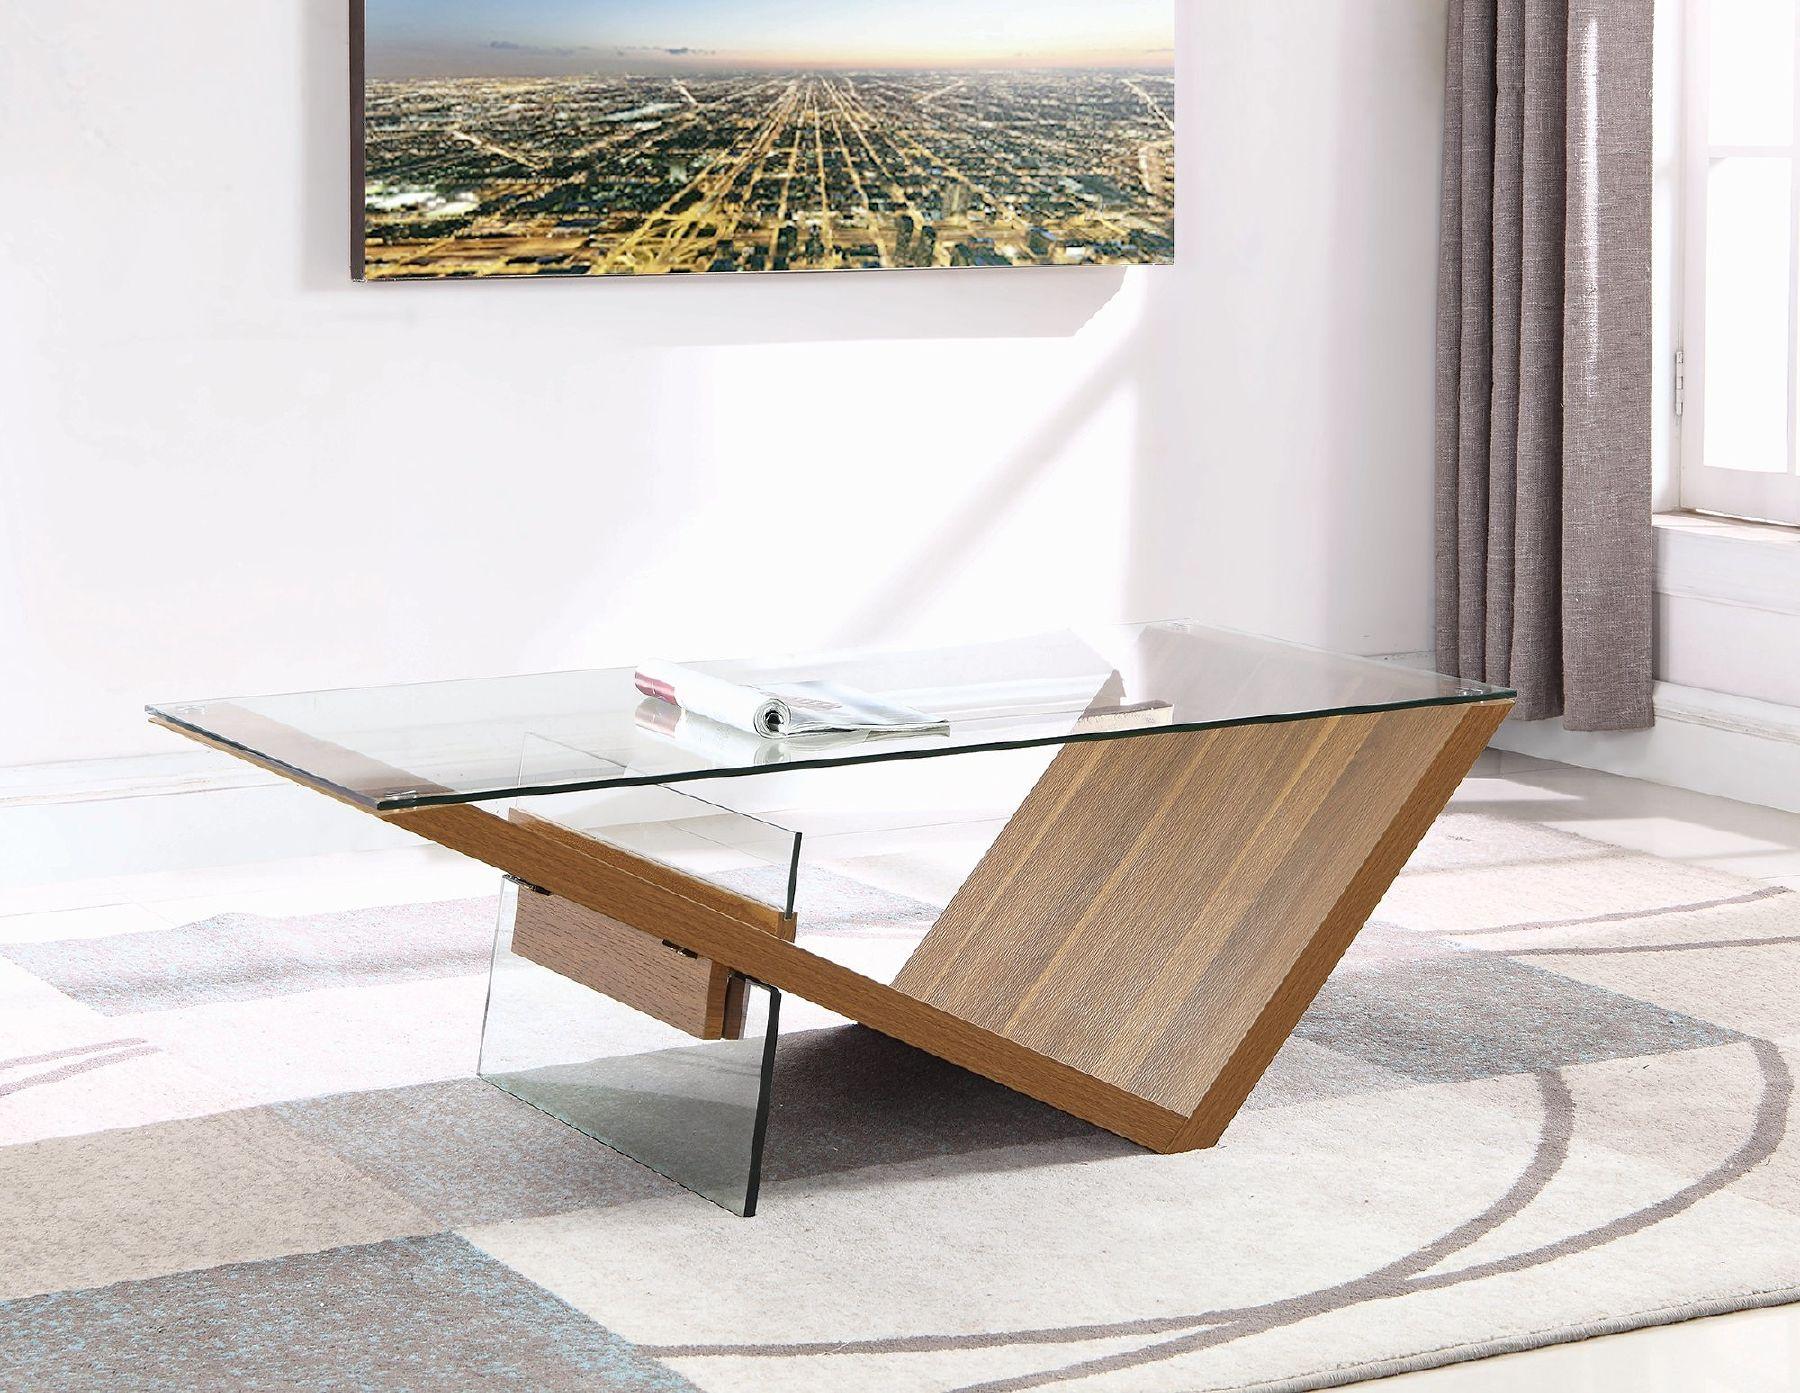 Cs378 Coffee Table 721378 Coaster Furniture Coffee Tables In 2021 Coffee Table Rectangle Coffee Table Walnut Coffee Table [ 1393 x 1800 Pixel ]